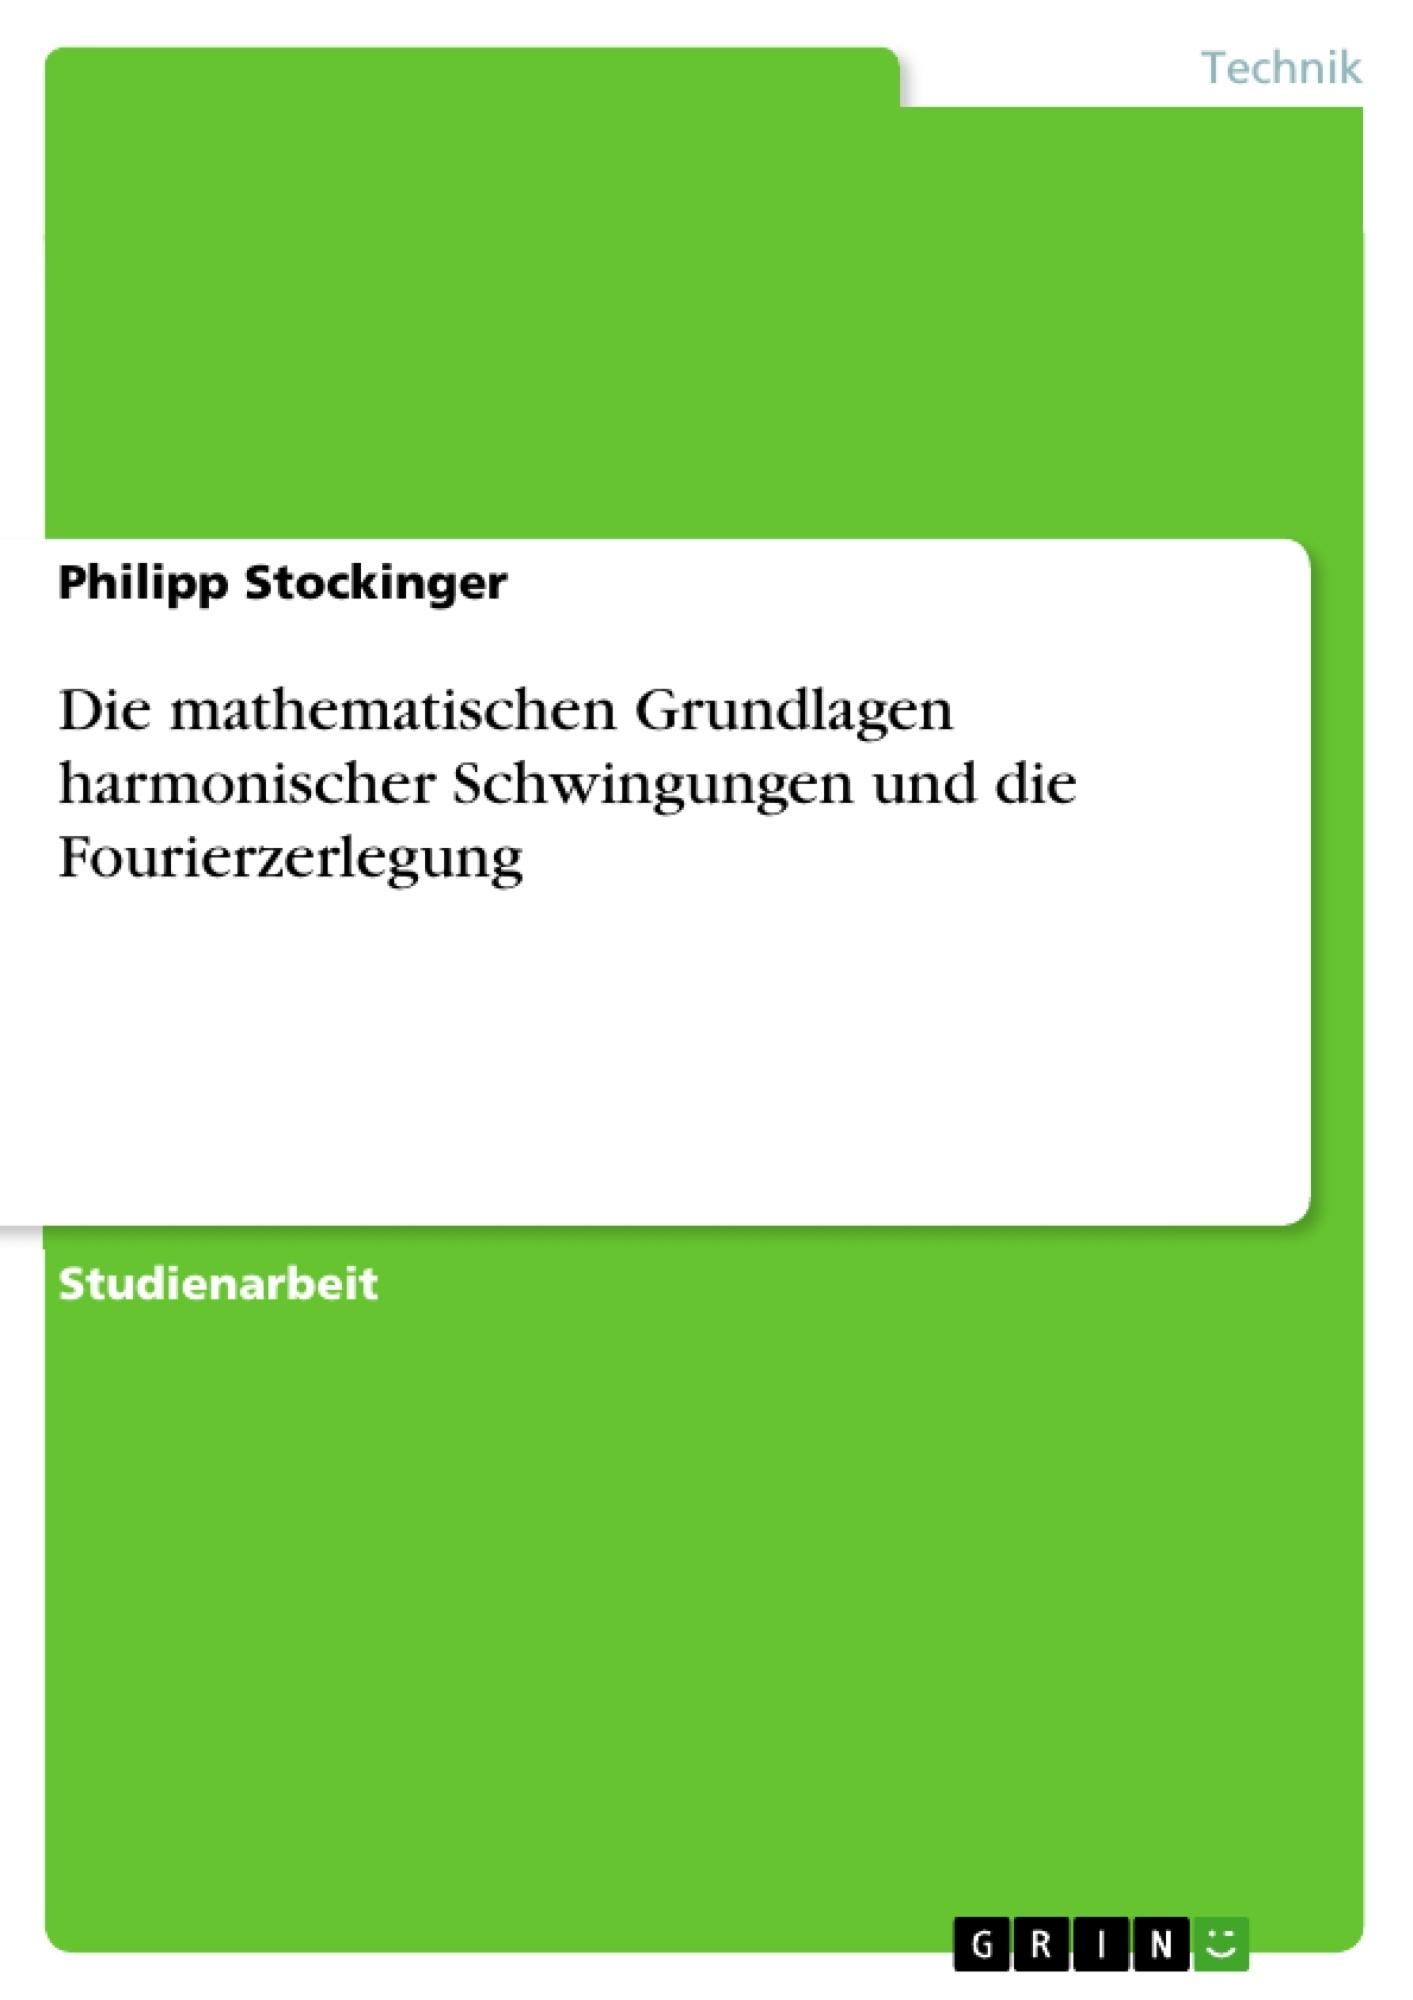 Titel: Die mathematischen Grundlagen harmonischer Schwingungen und die Fourierzerlegung